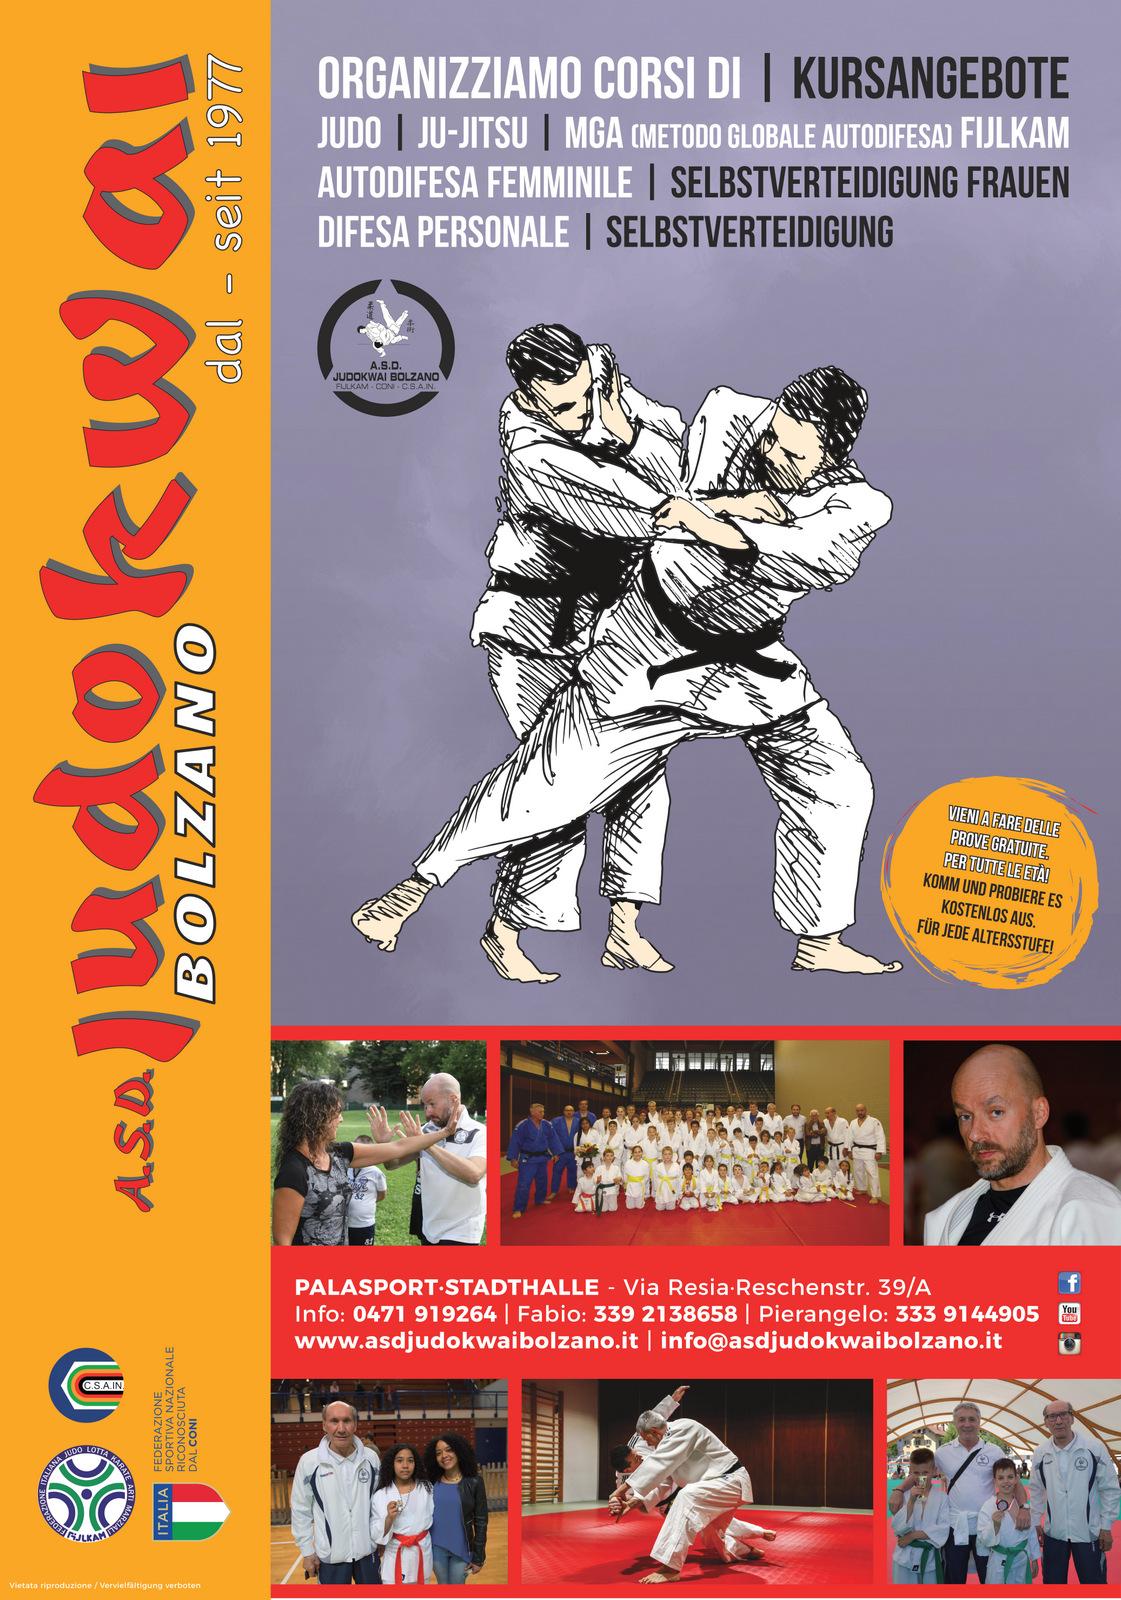 A.S.D. Judokwai Bolzano - New 2018